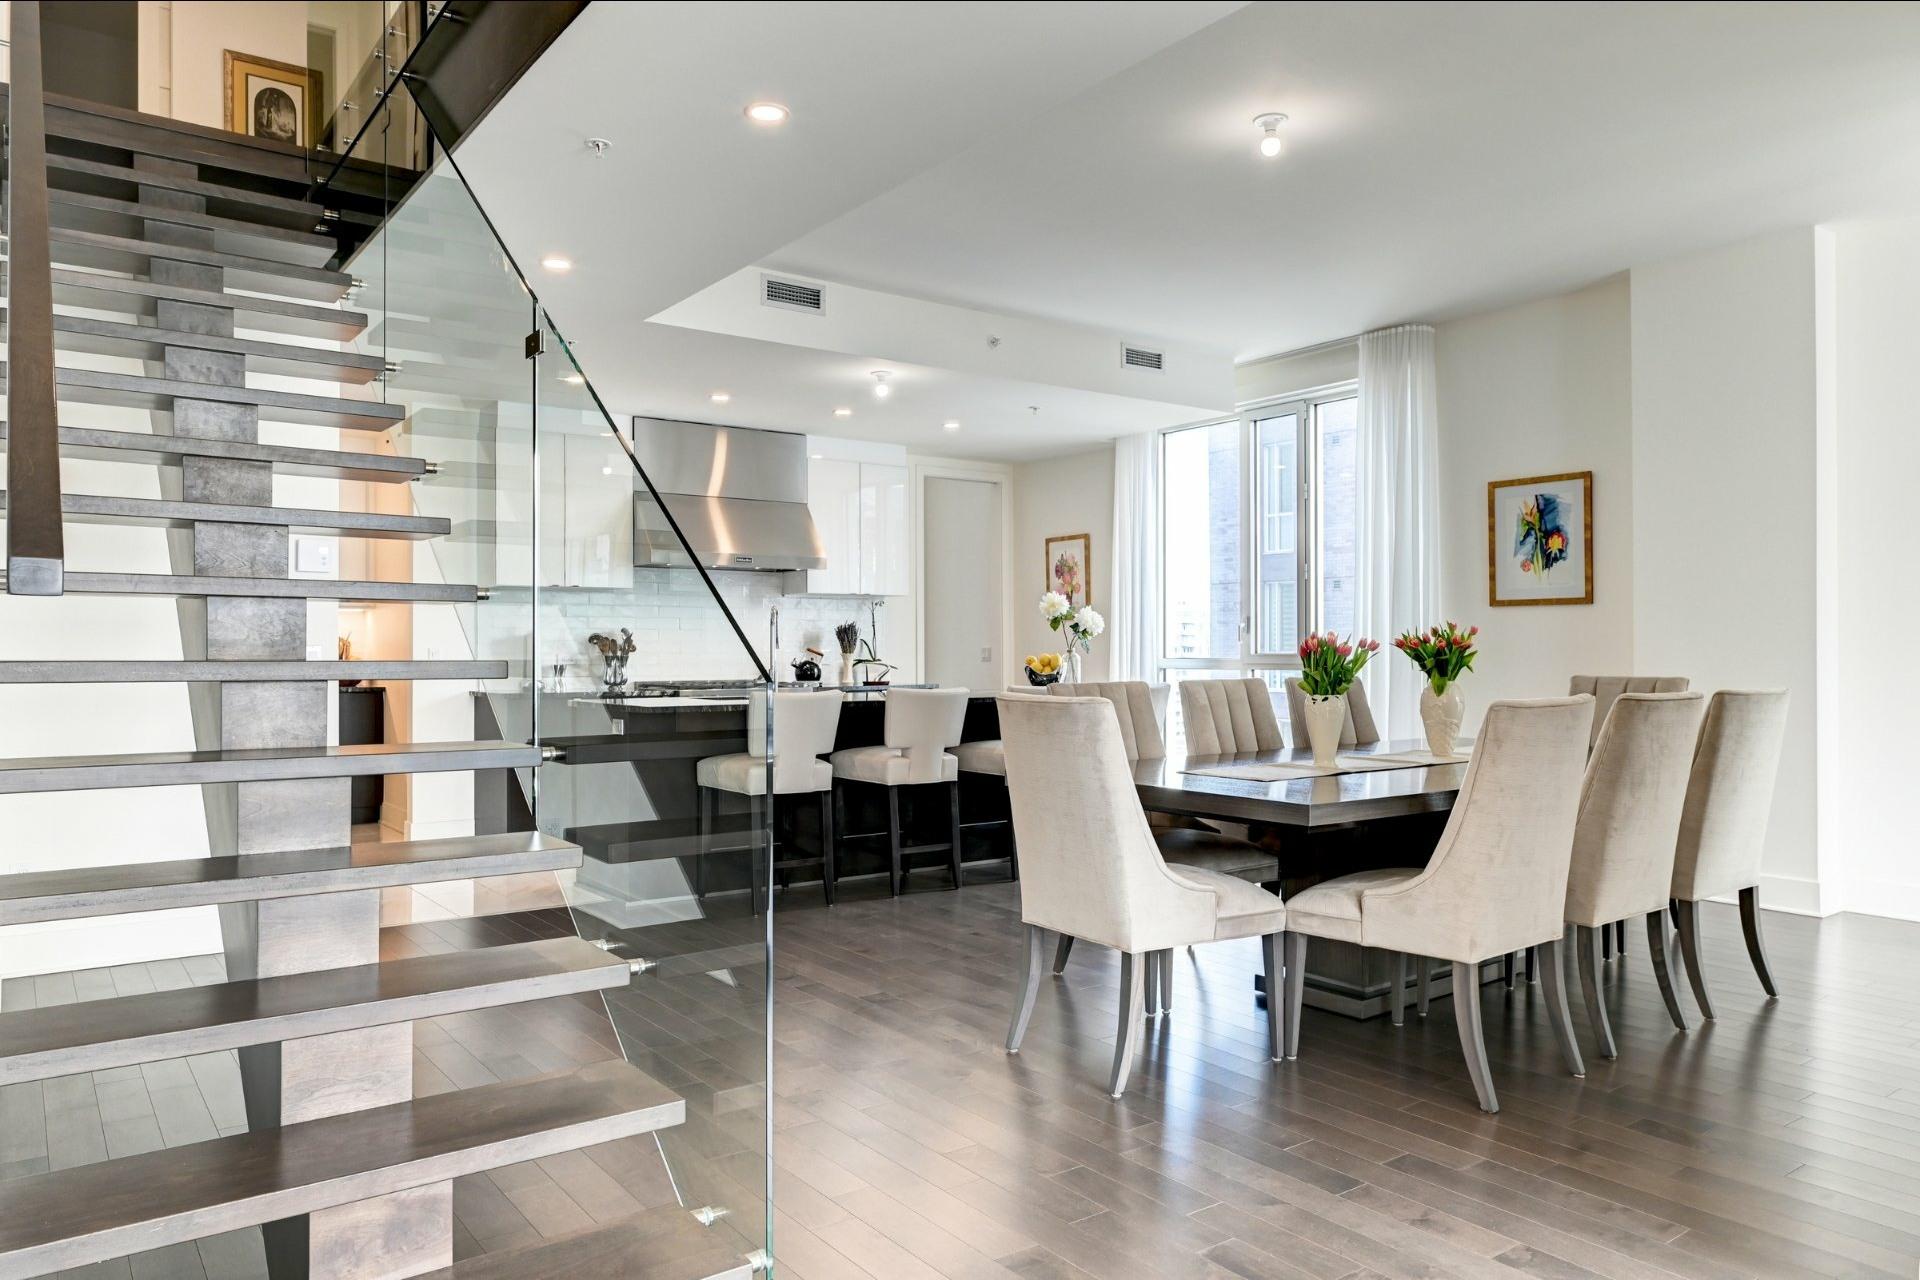 image 8 - Appartement À vendre Côte-des-Neiges/Notre-Dame-de-Grâce Montréal  - 16 pièces